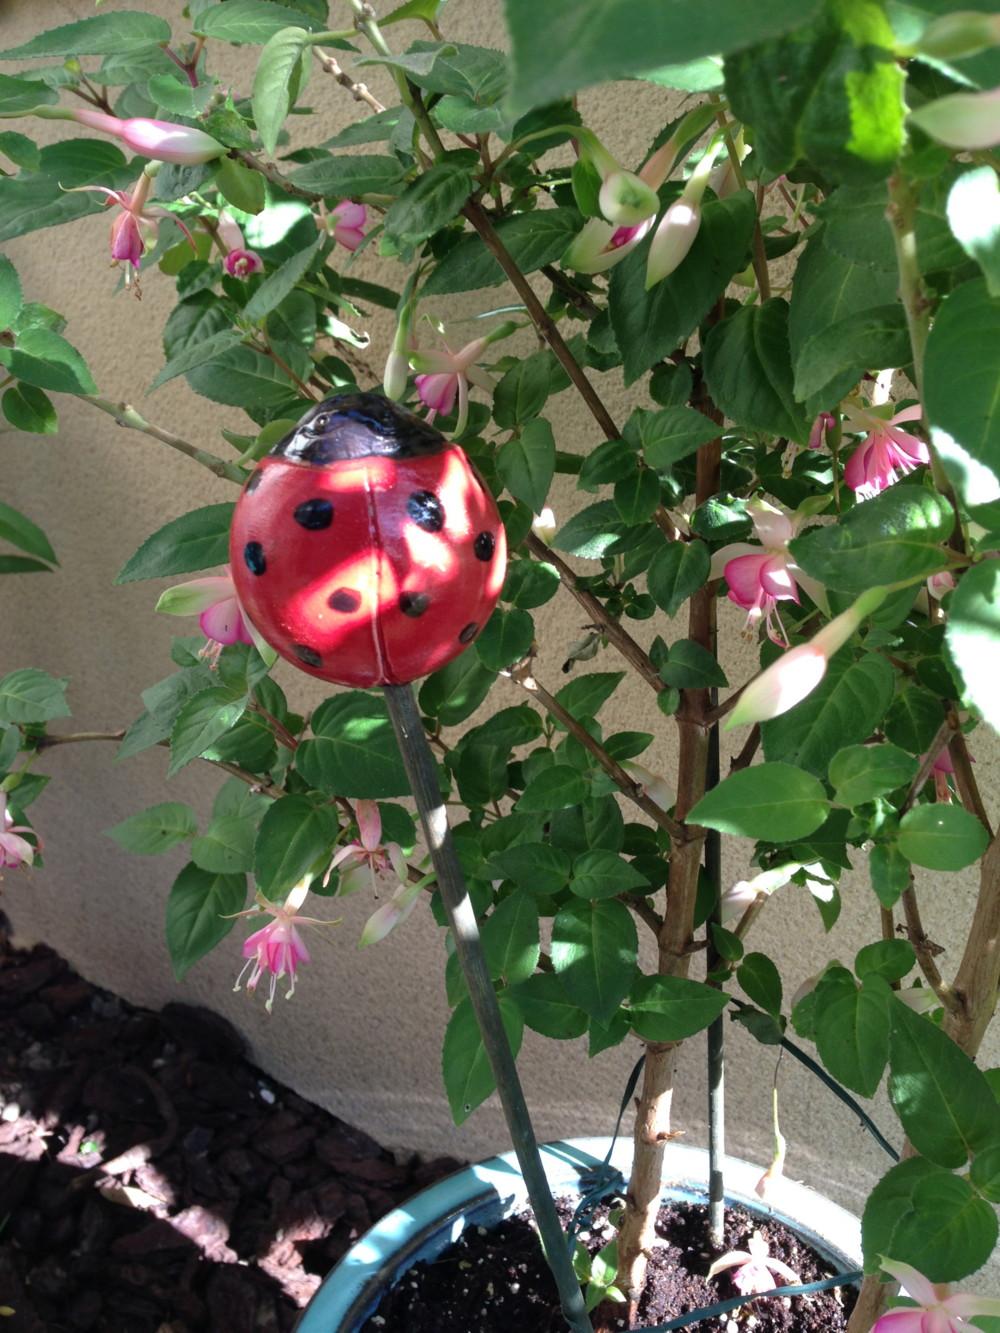 Les petites b tes tortue et coccinelle en gr s pour Coccinelle decoration exterieure